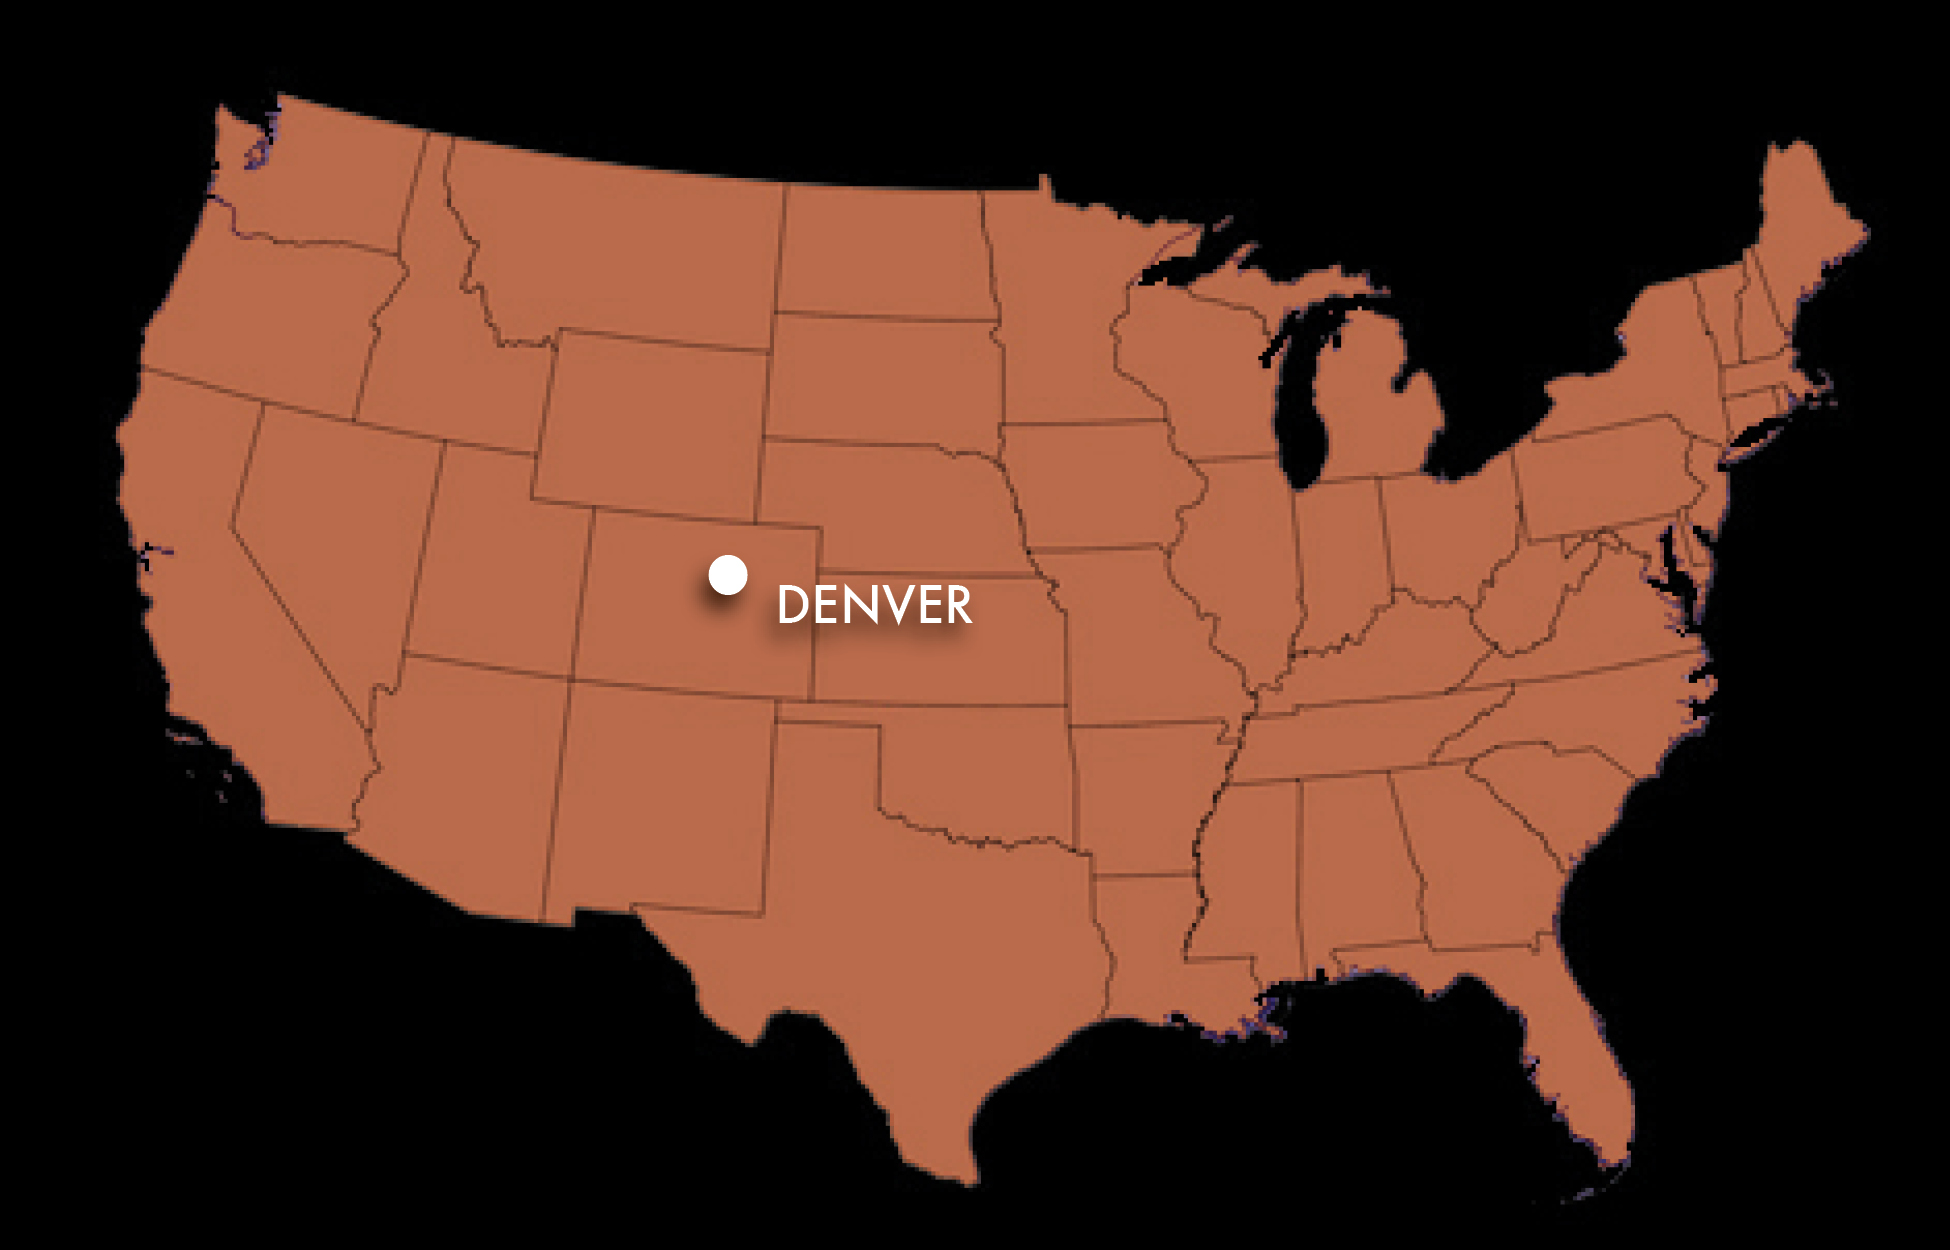 us-map-denver.jpg